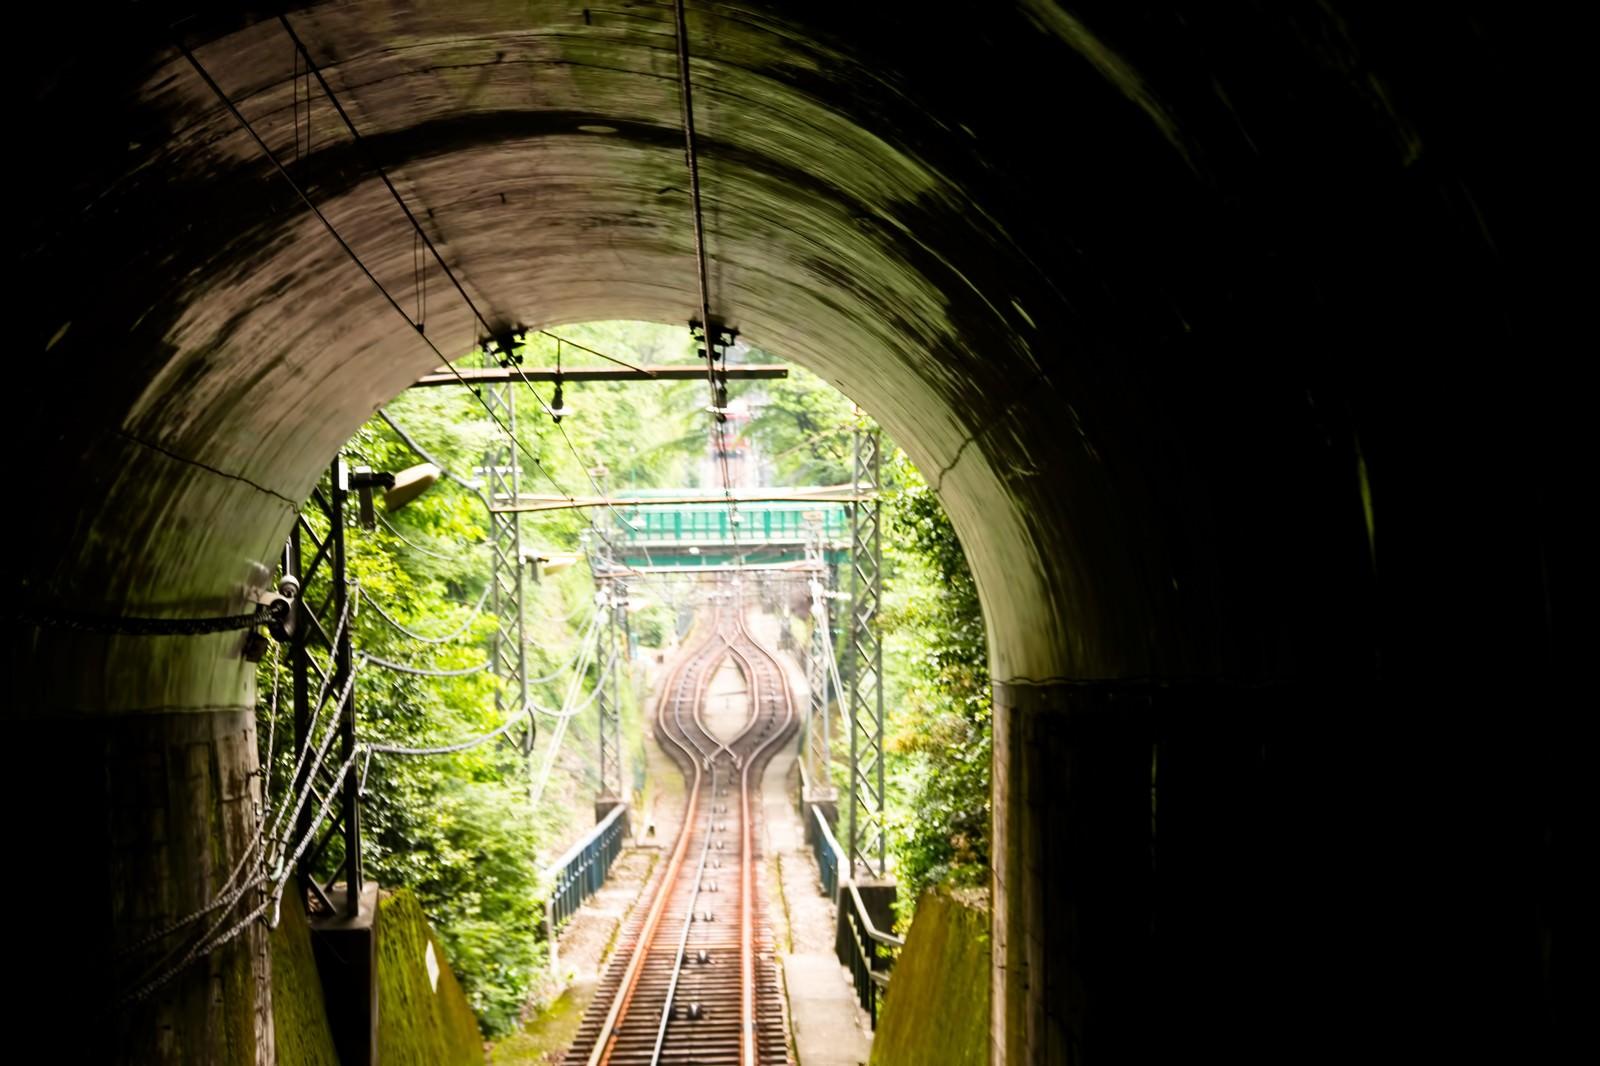 「ケーブルカーのトンネル」の写真